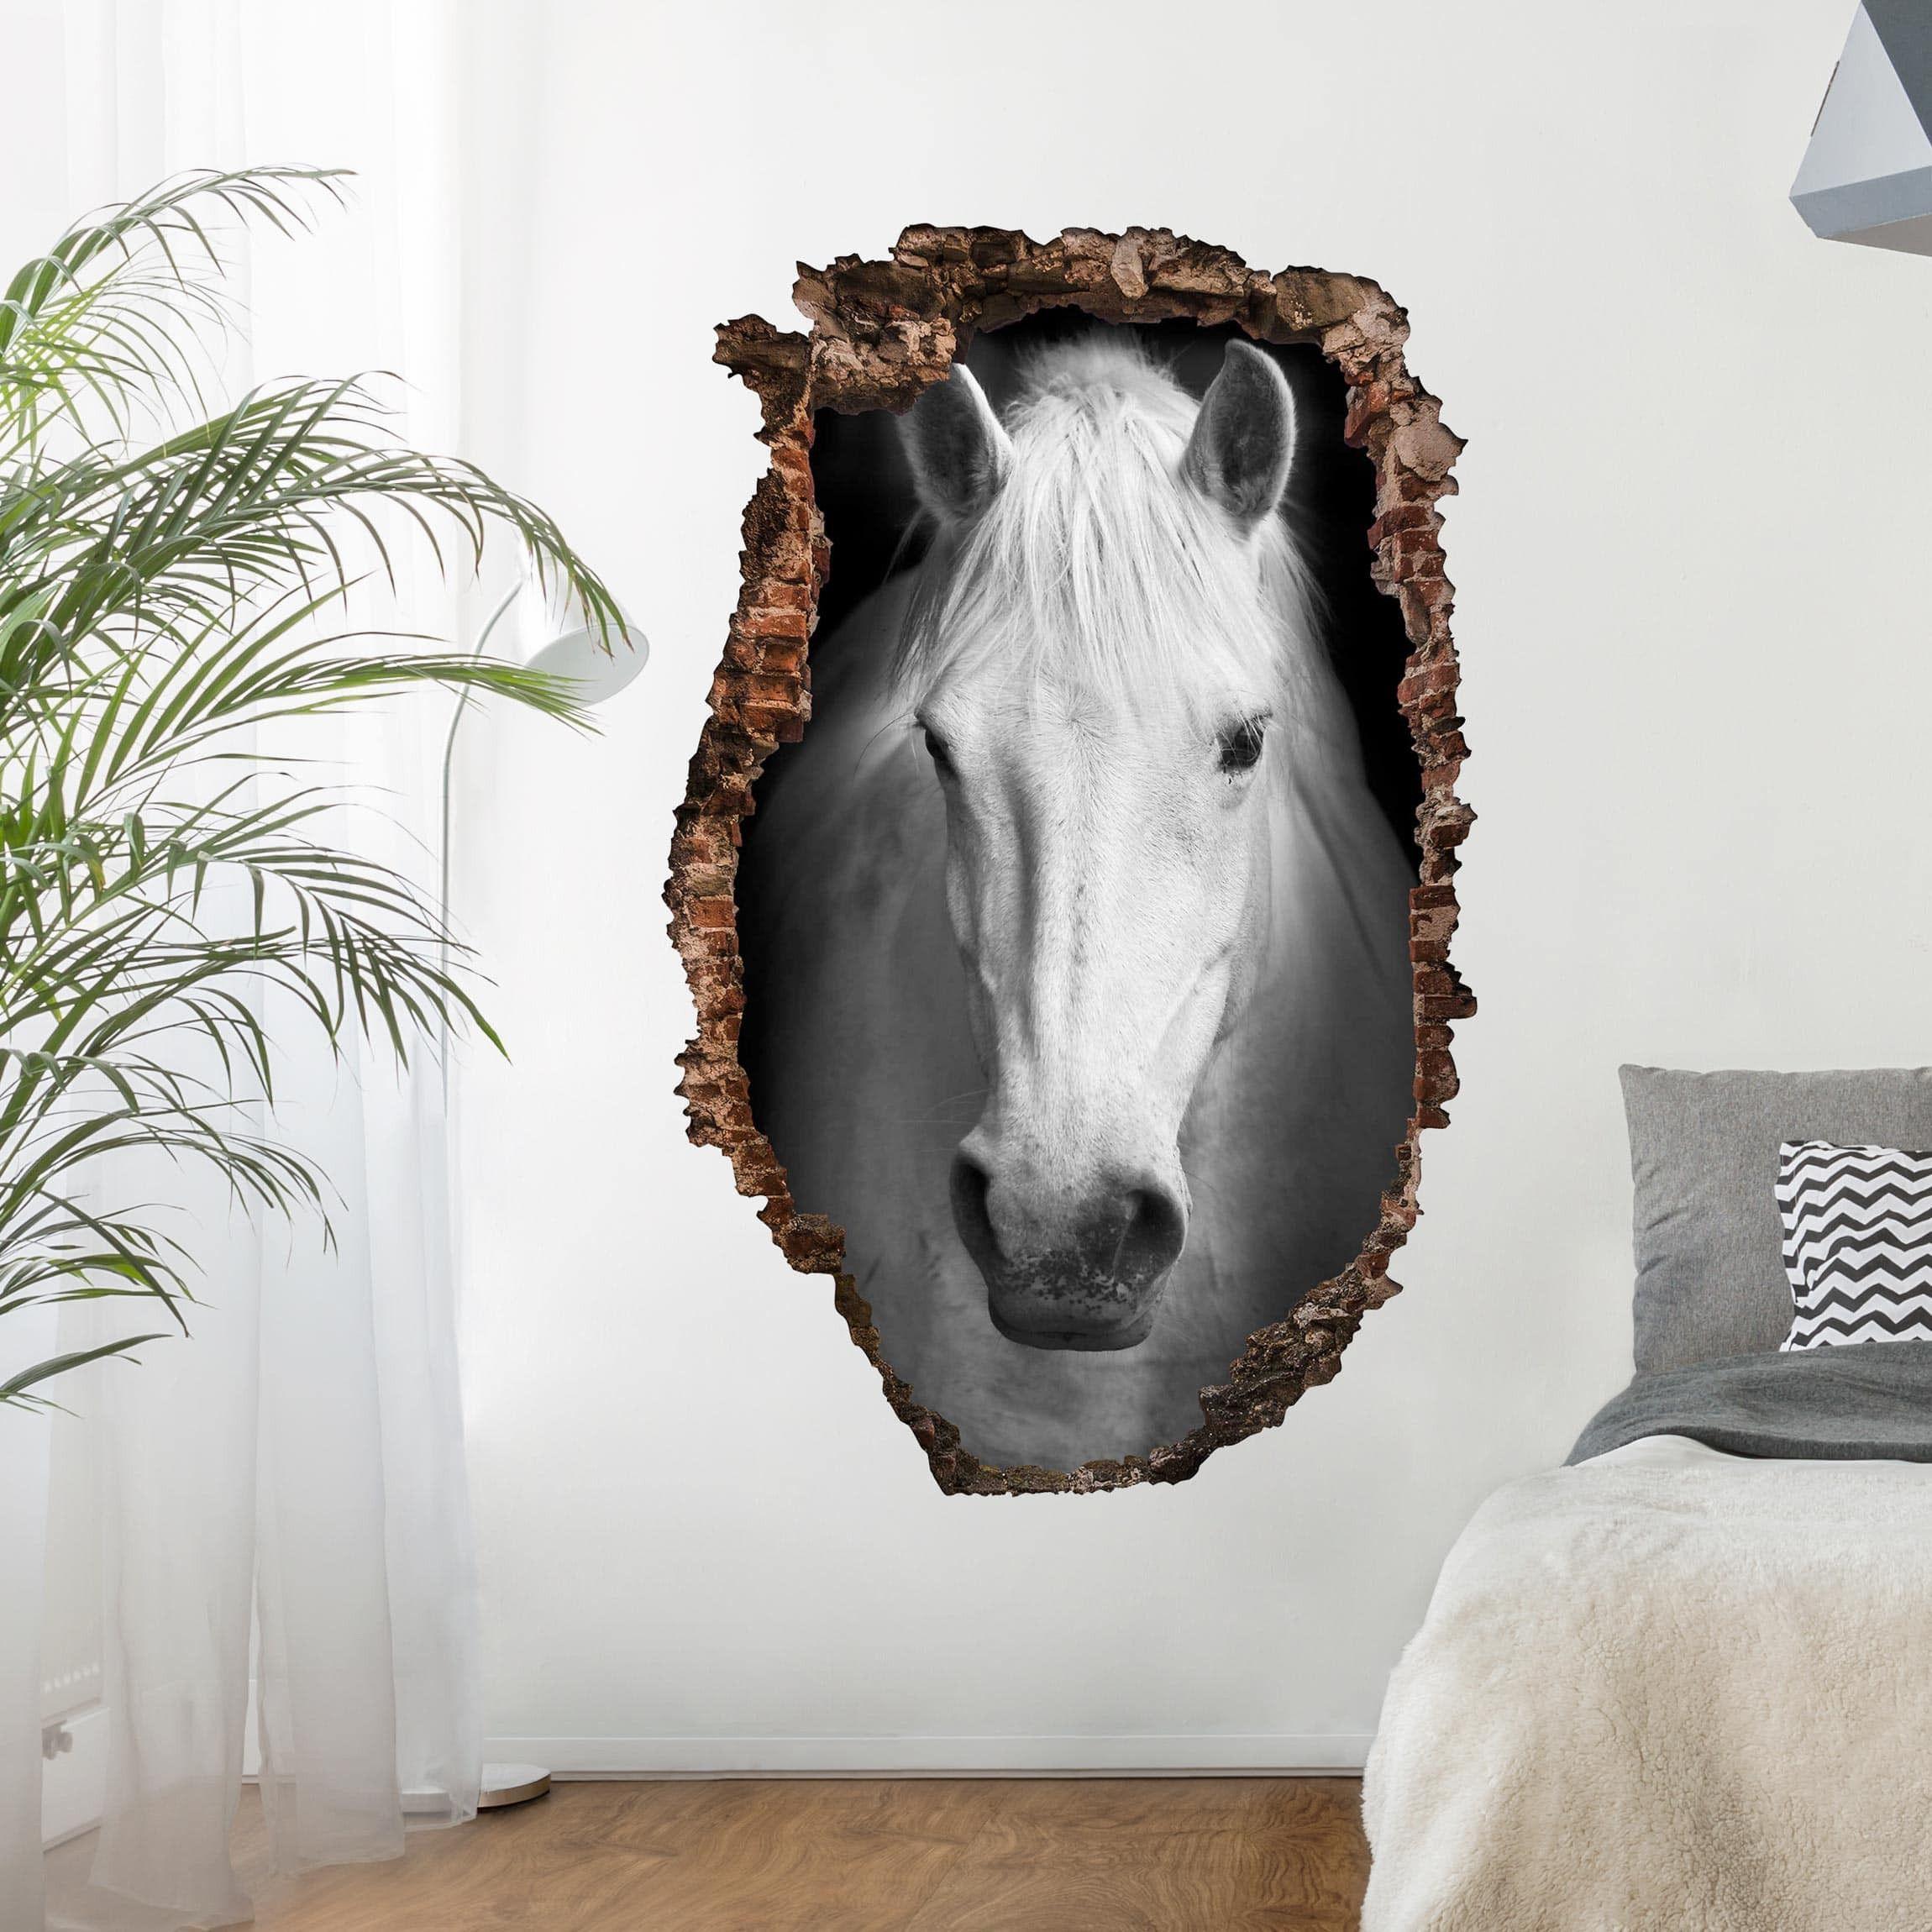 3d Wandtattoo Dream Of A Horse Hoch 3 2 3d Wandtattoo Wandtattoo Pferde Tapete